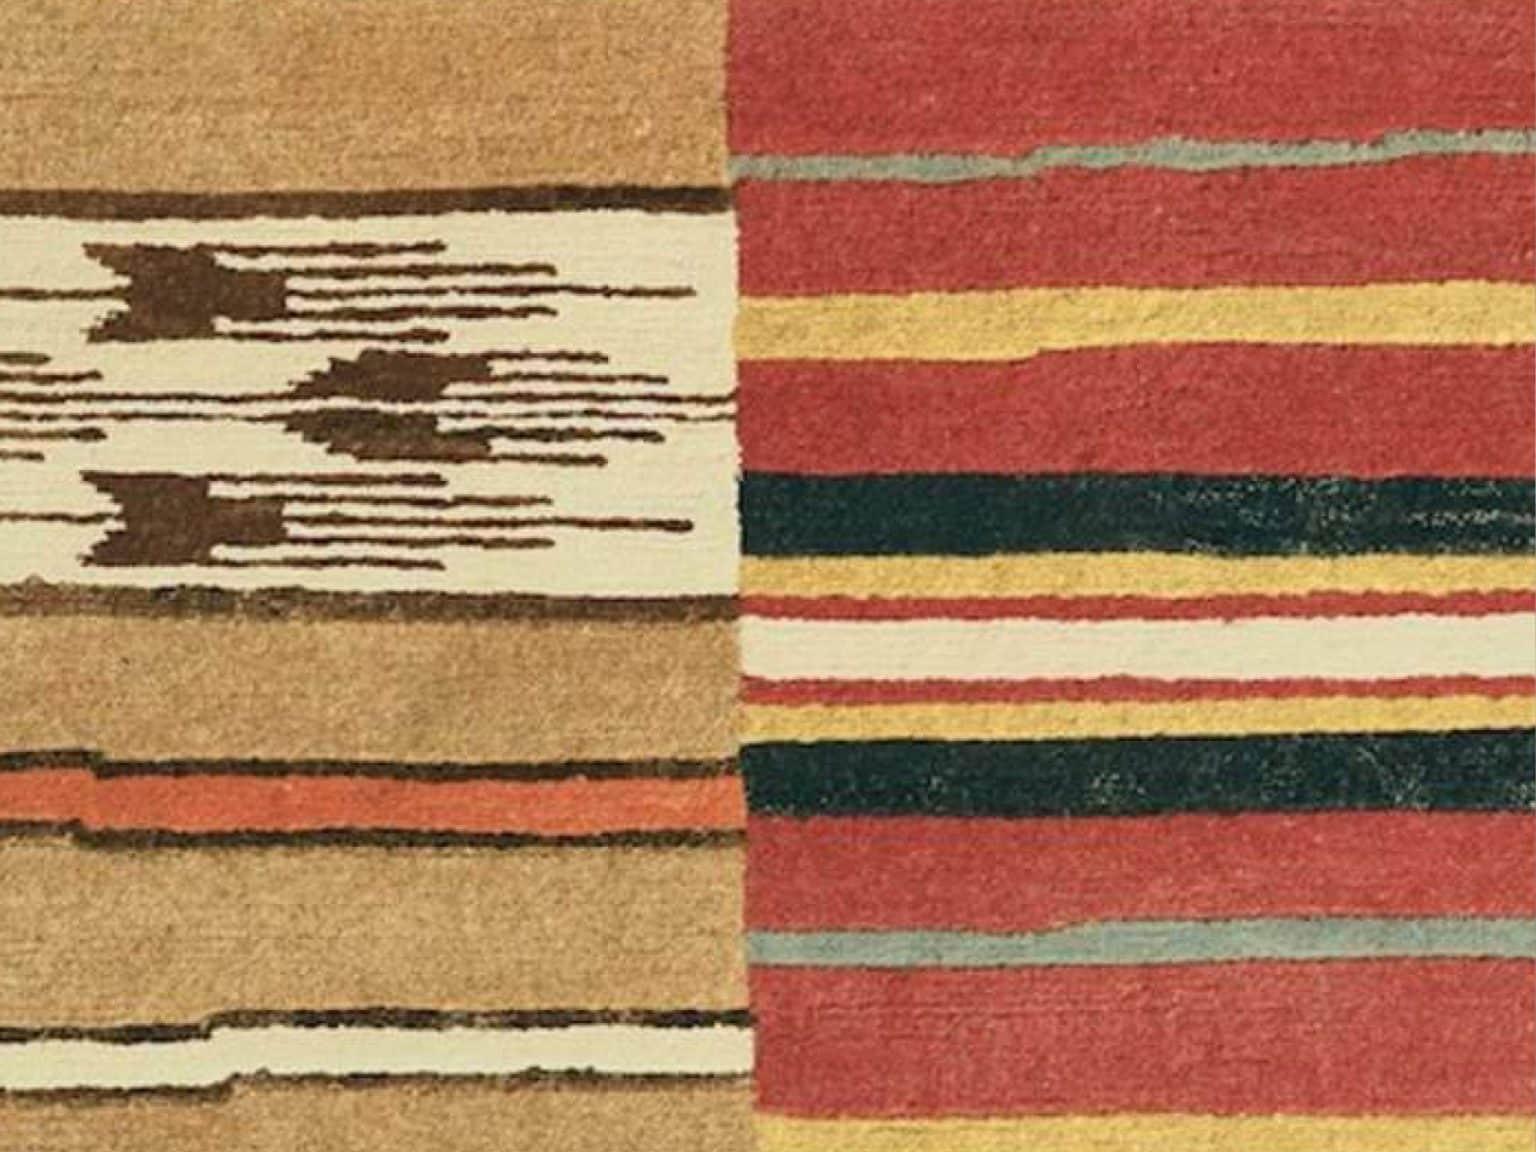 Brink&Campman karpet Yara pa